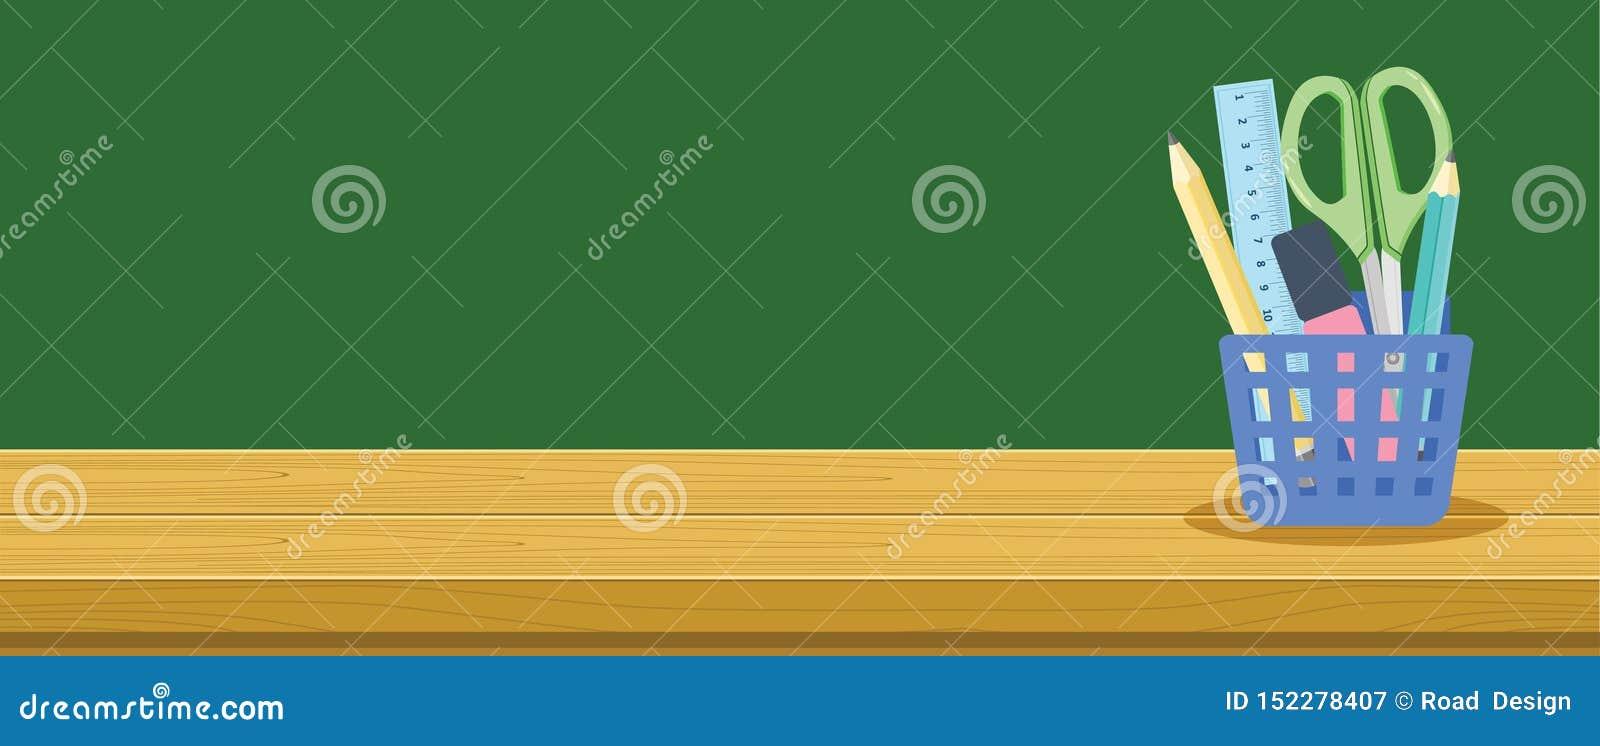 Wooden Desk And Stationery Basket For School Students Education Background Banner Concept Stock Vector Illustration Of Basket Eraser 152278407